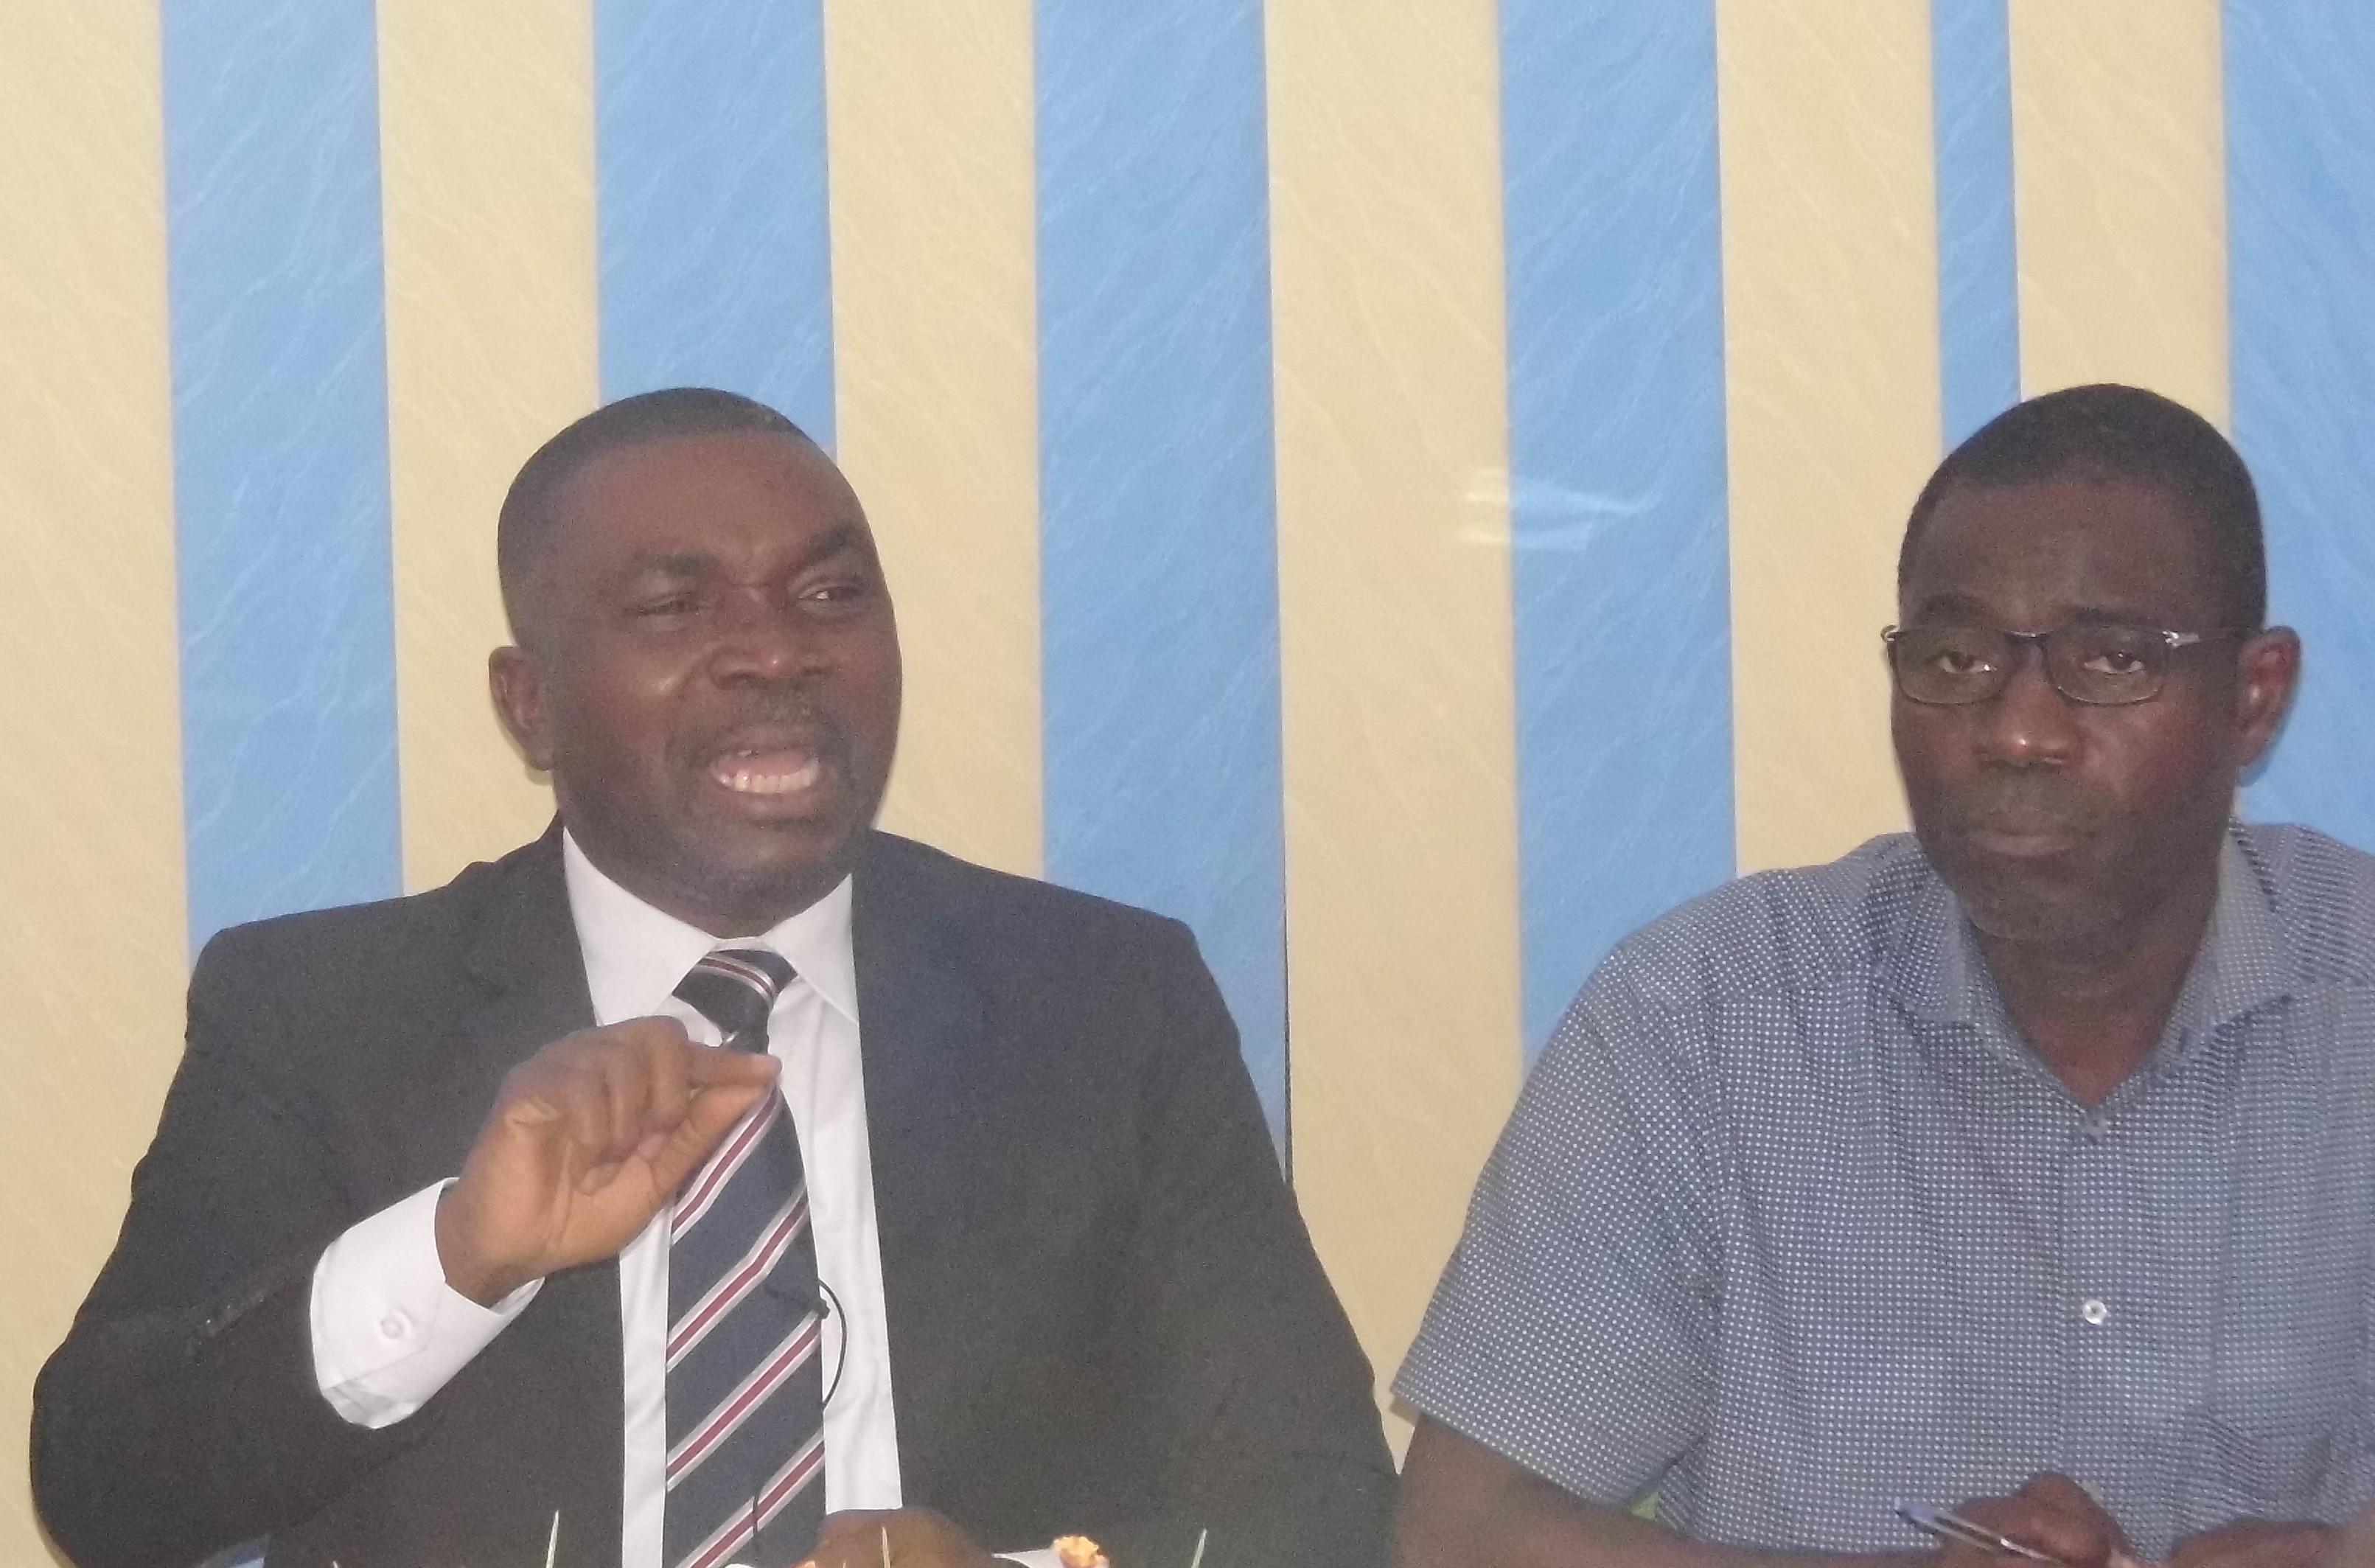 Conférence internationale du travail,représentants ivoiriens,OIT,PFN,Zadi Gnagna